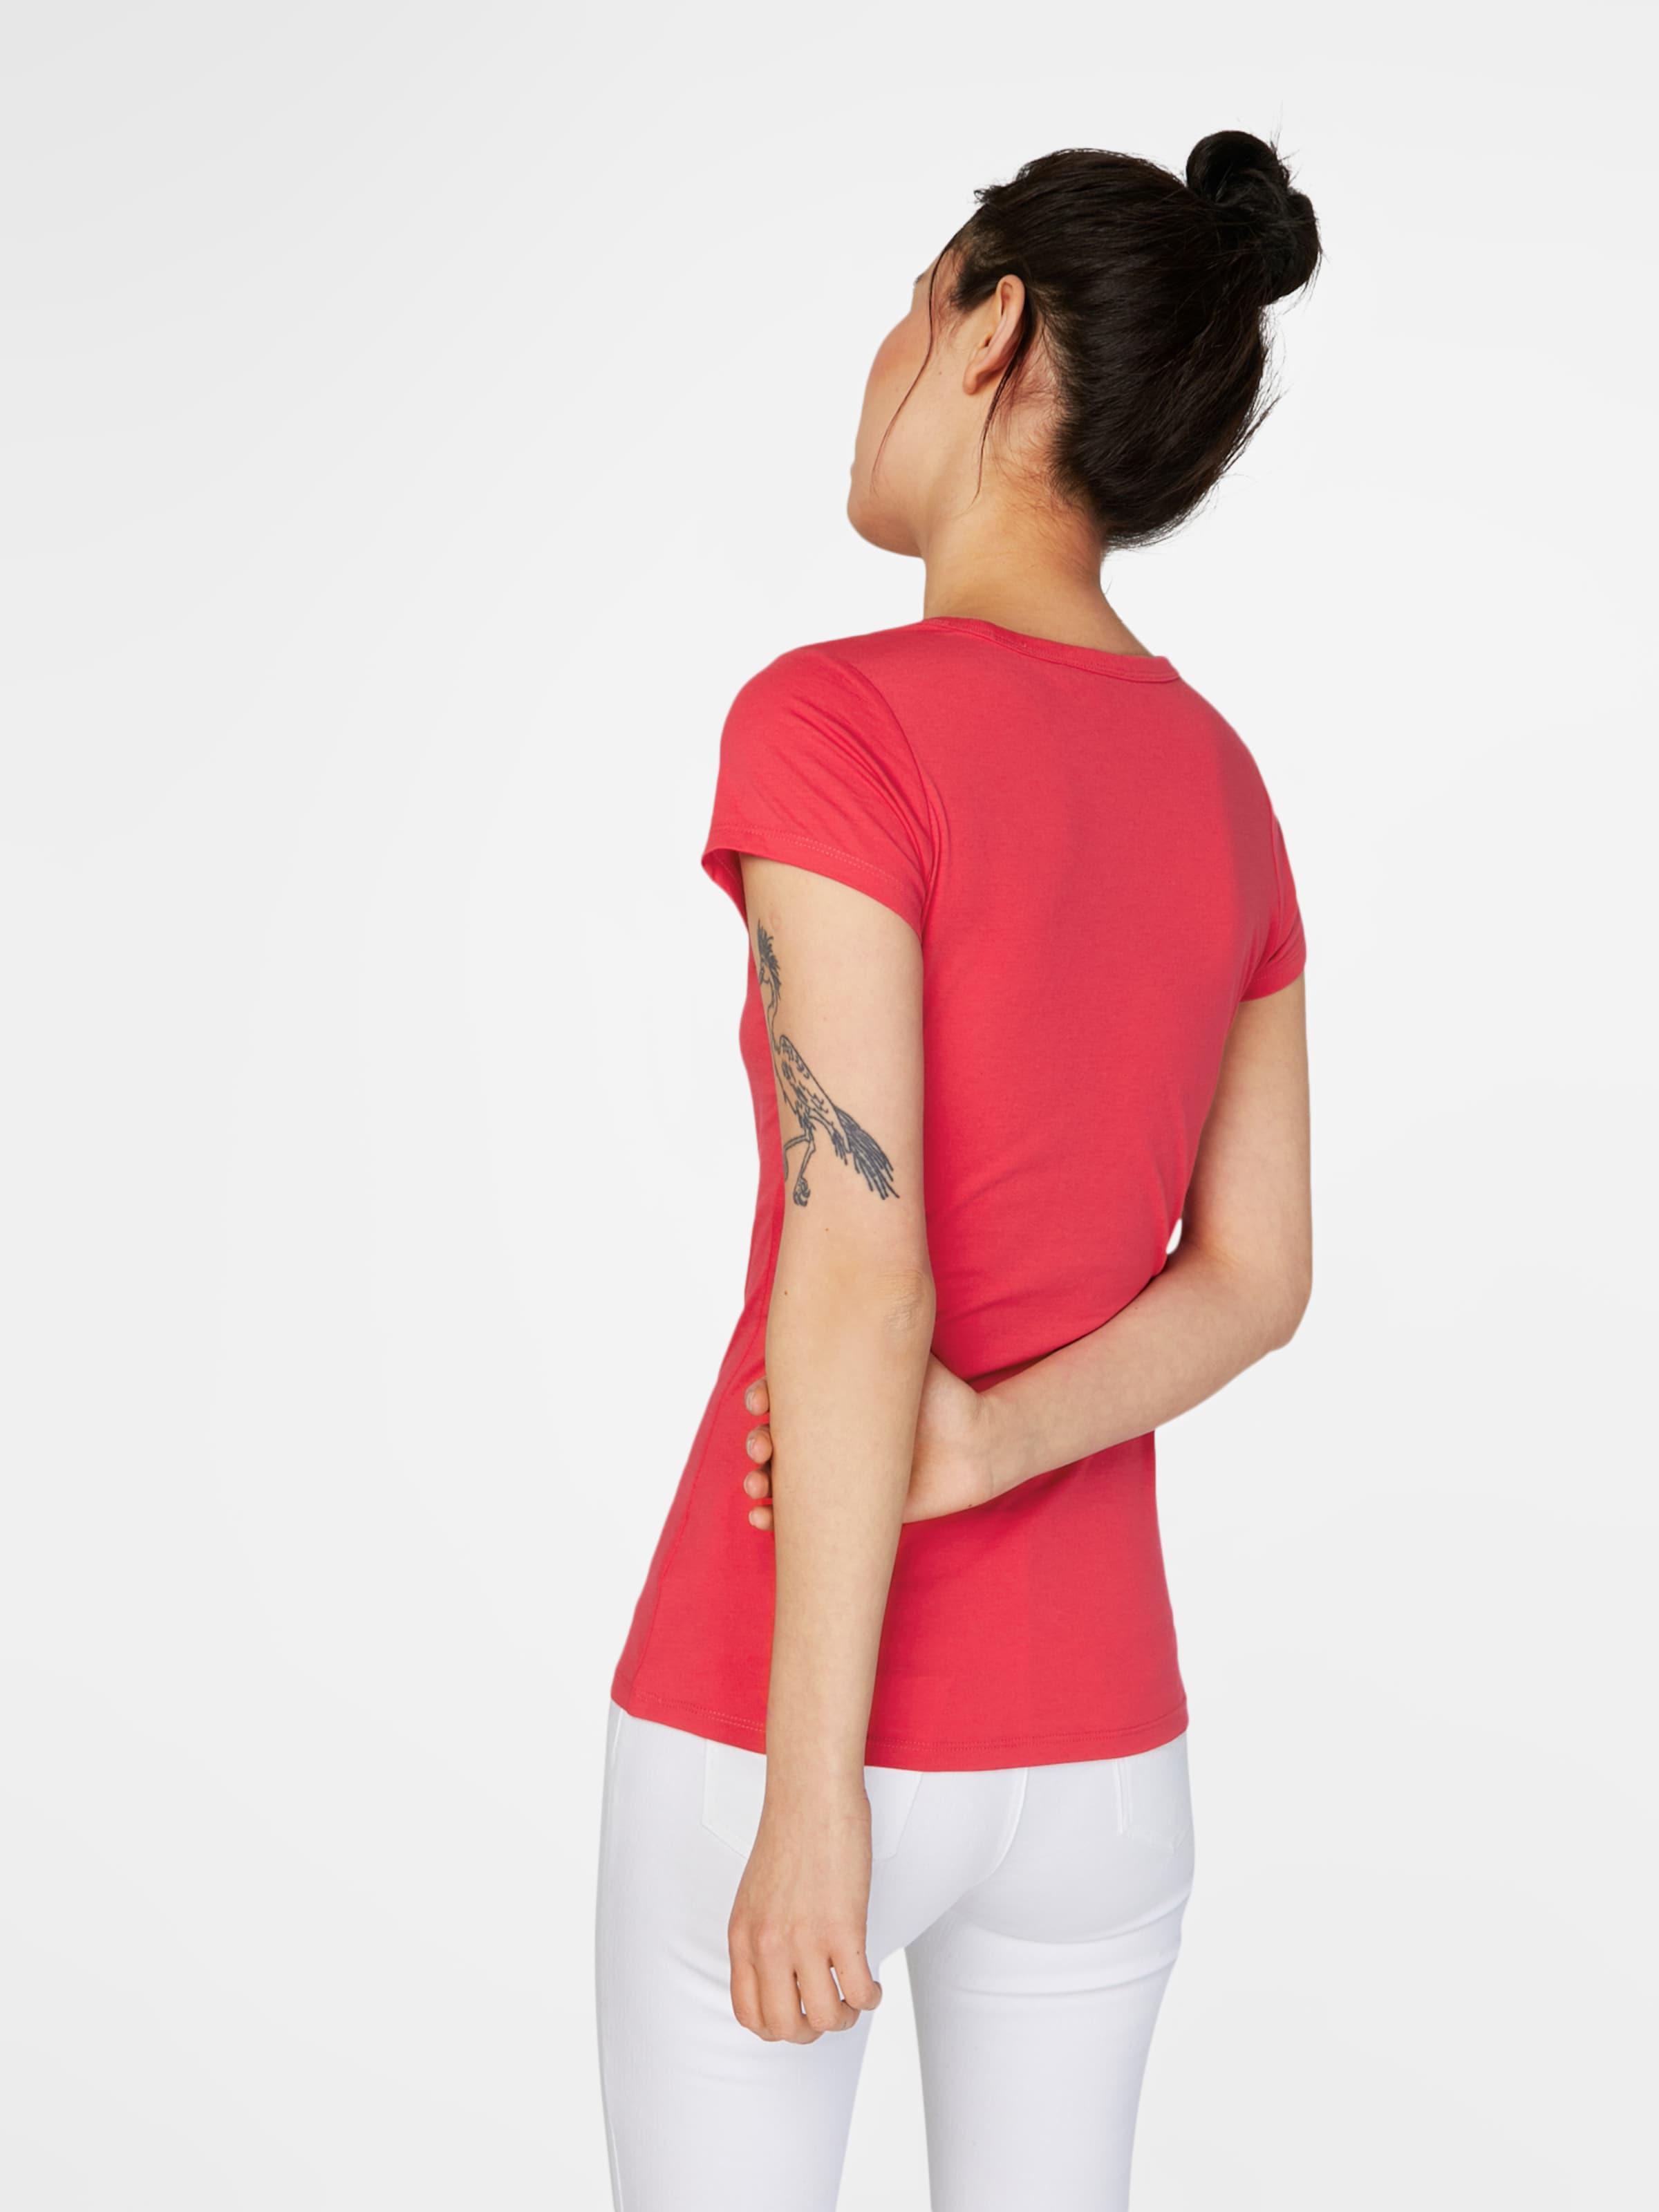 Auslass-Websites G-STAR RAW Shirt 'Eyben V' Spielraum Zahlung Mit Visa ftrhl52